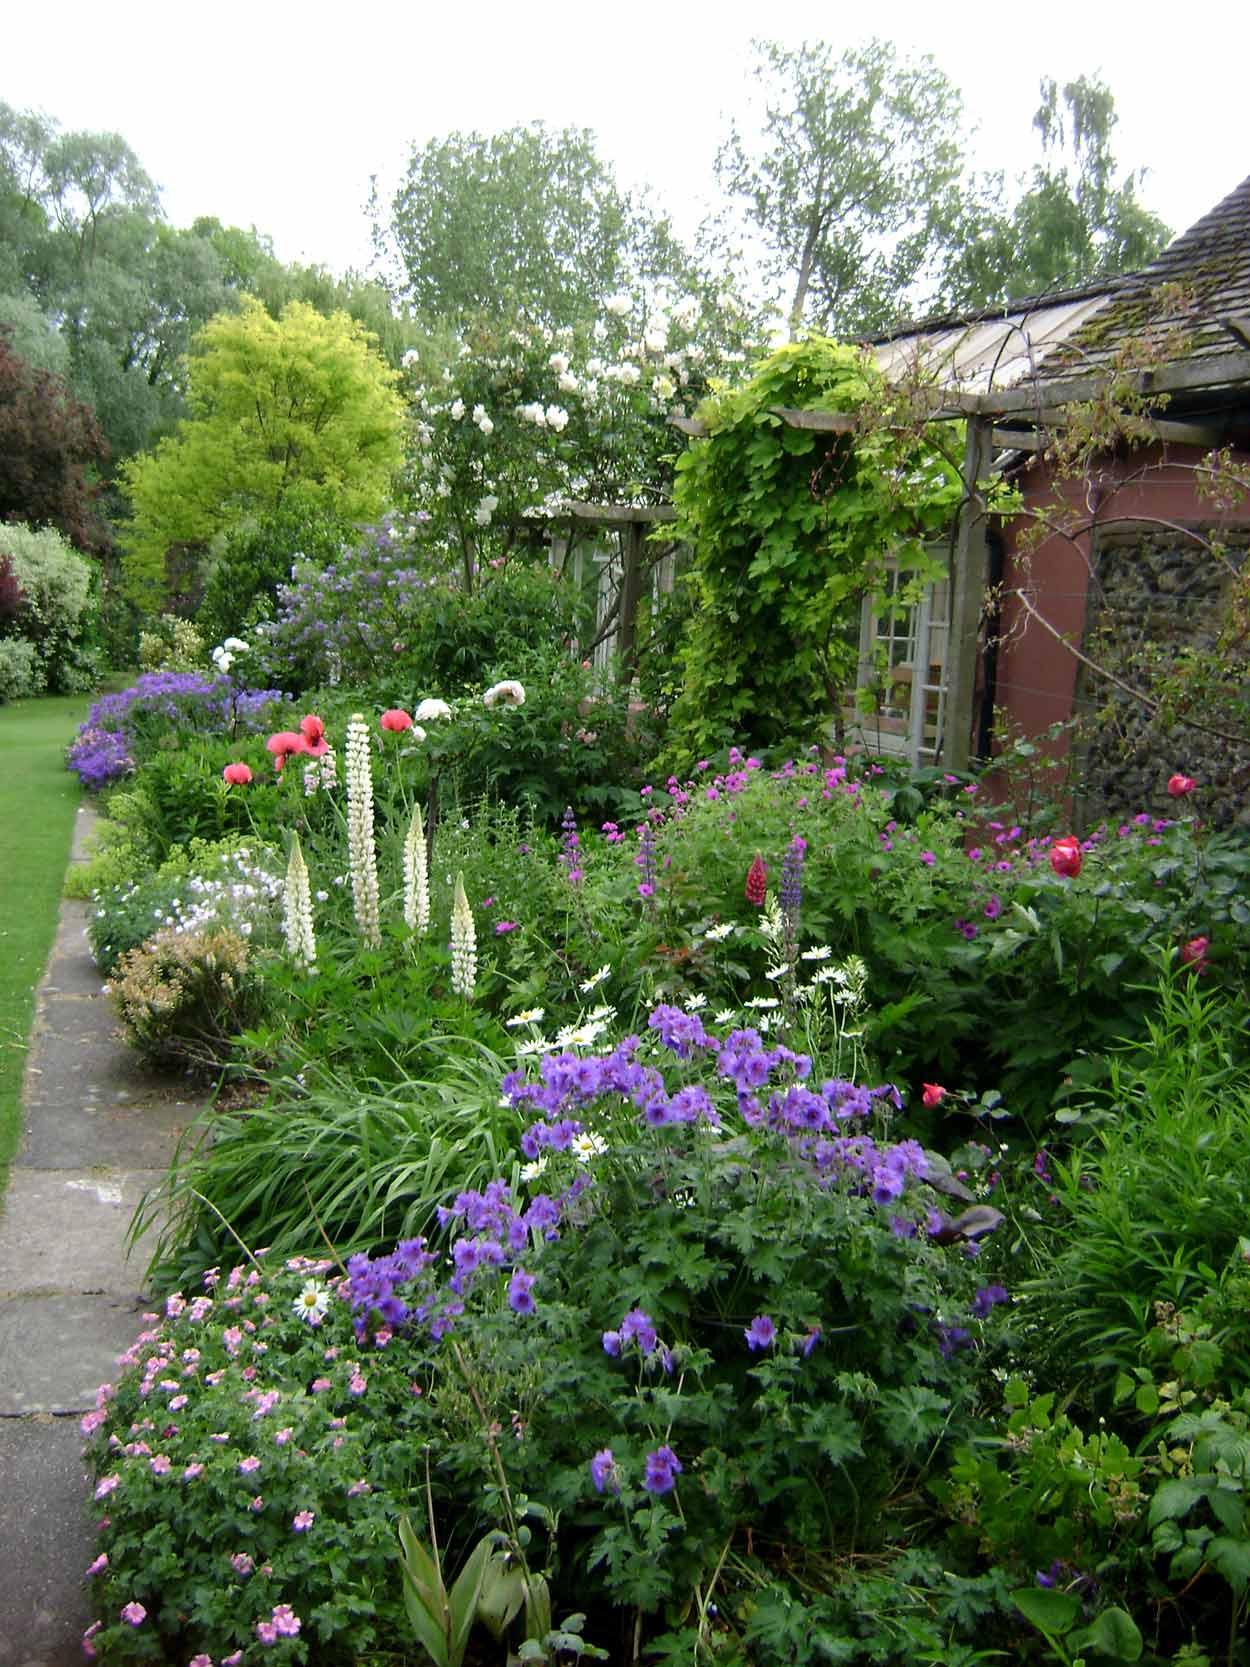 Pictures Of Garden Pathways And Walkways: Cbc Garden